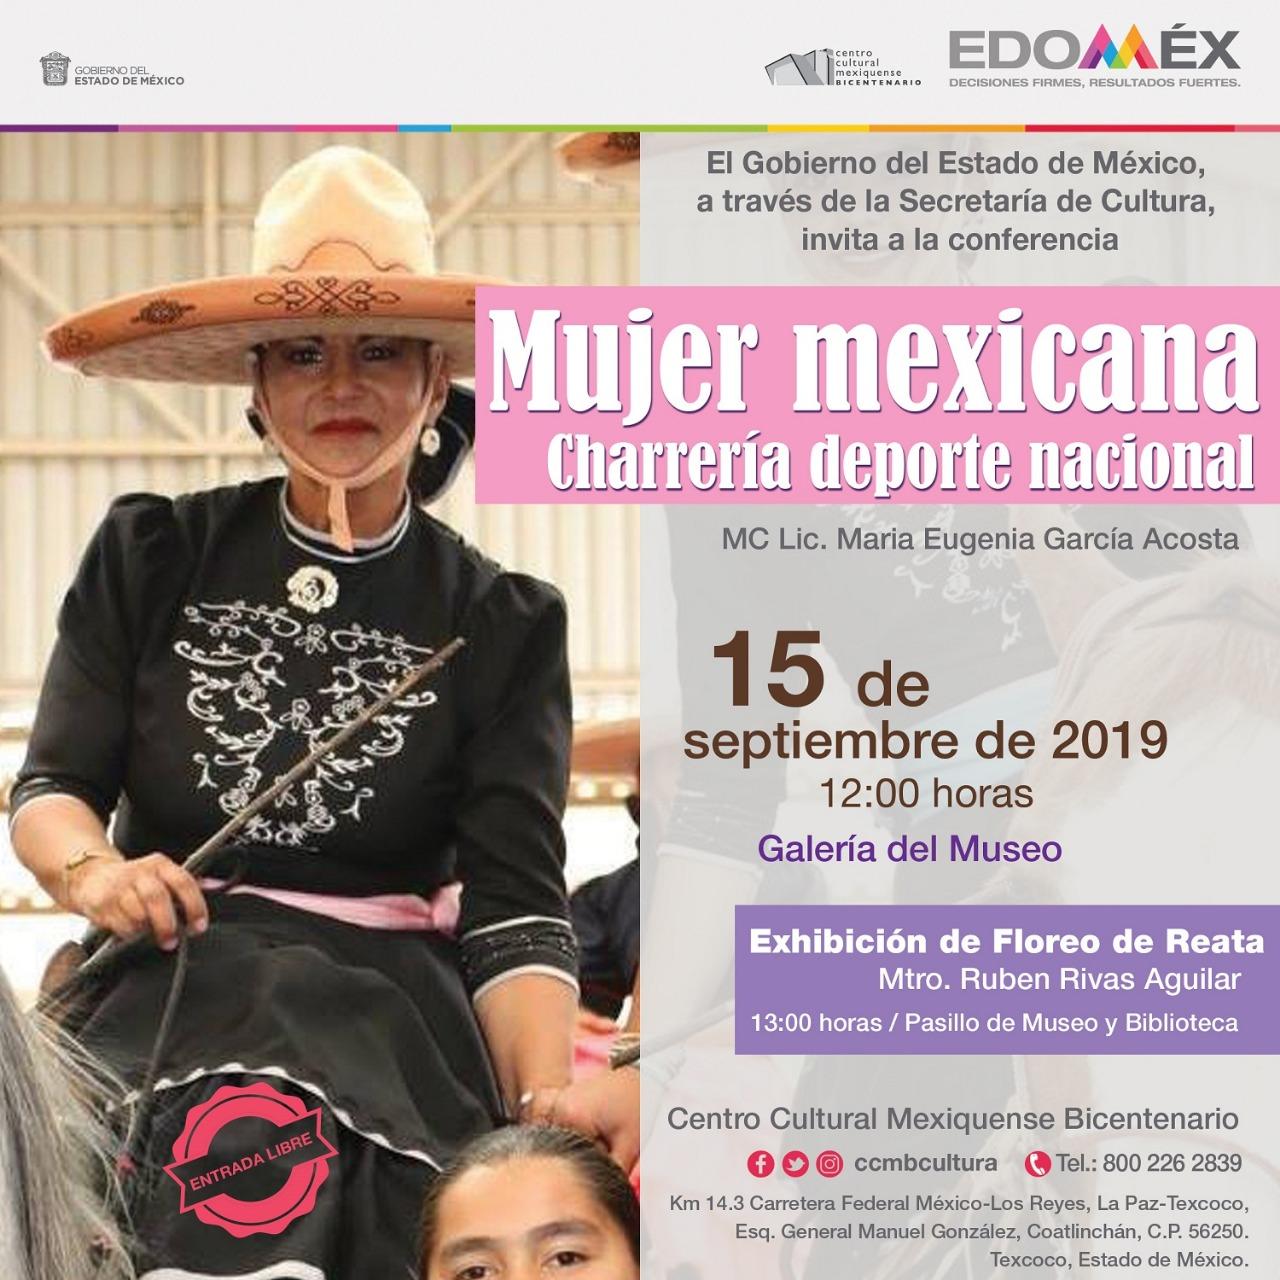 Prepara centro cultural mexiquense bicentenario celebración del mes patrio con jornada de arte y tradiciones